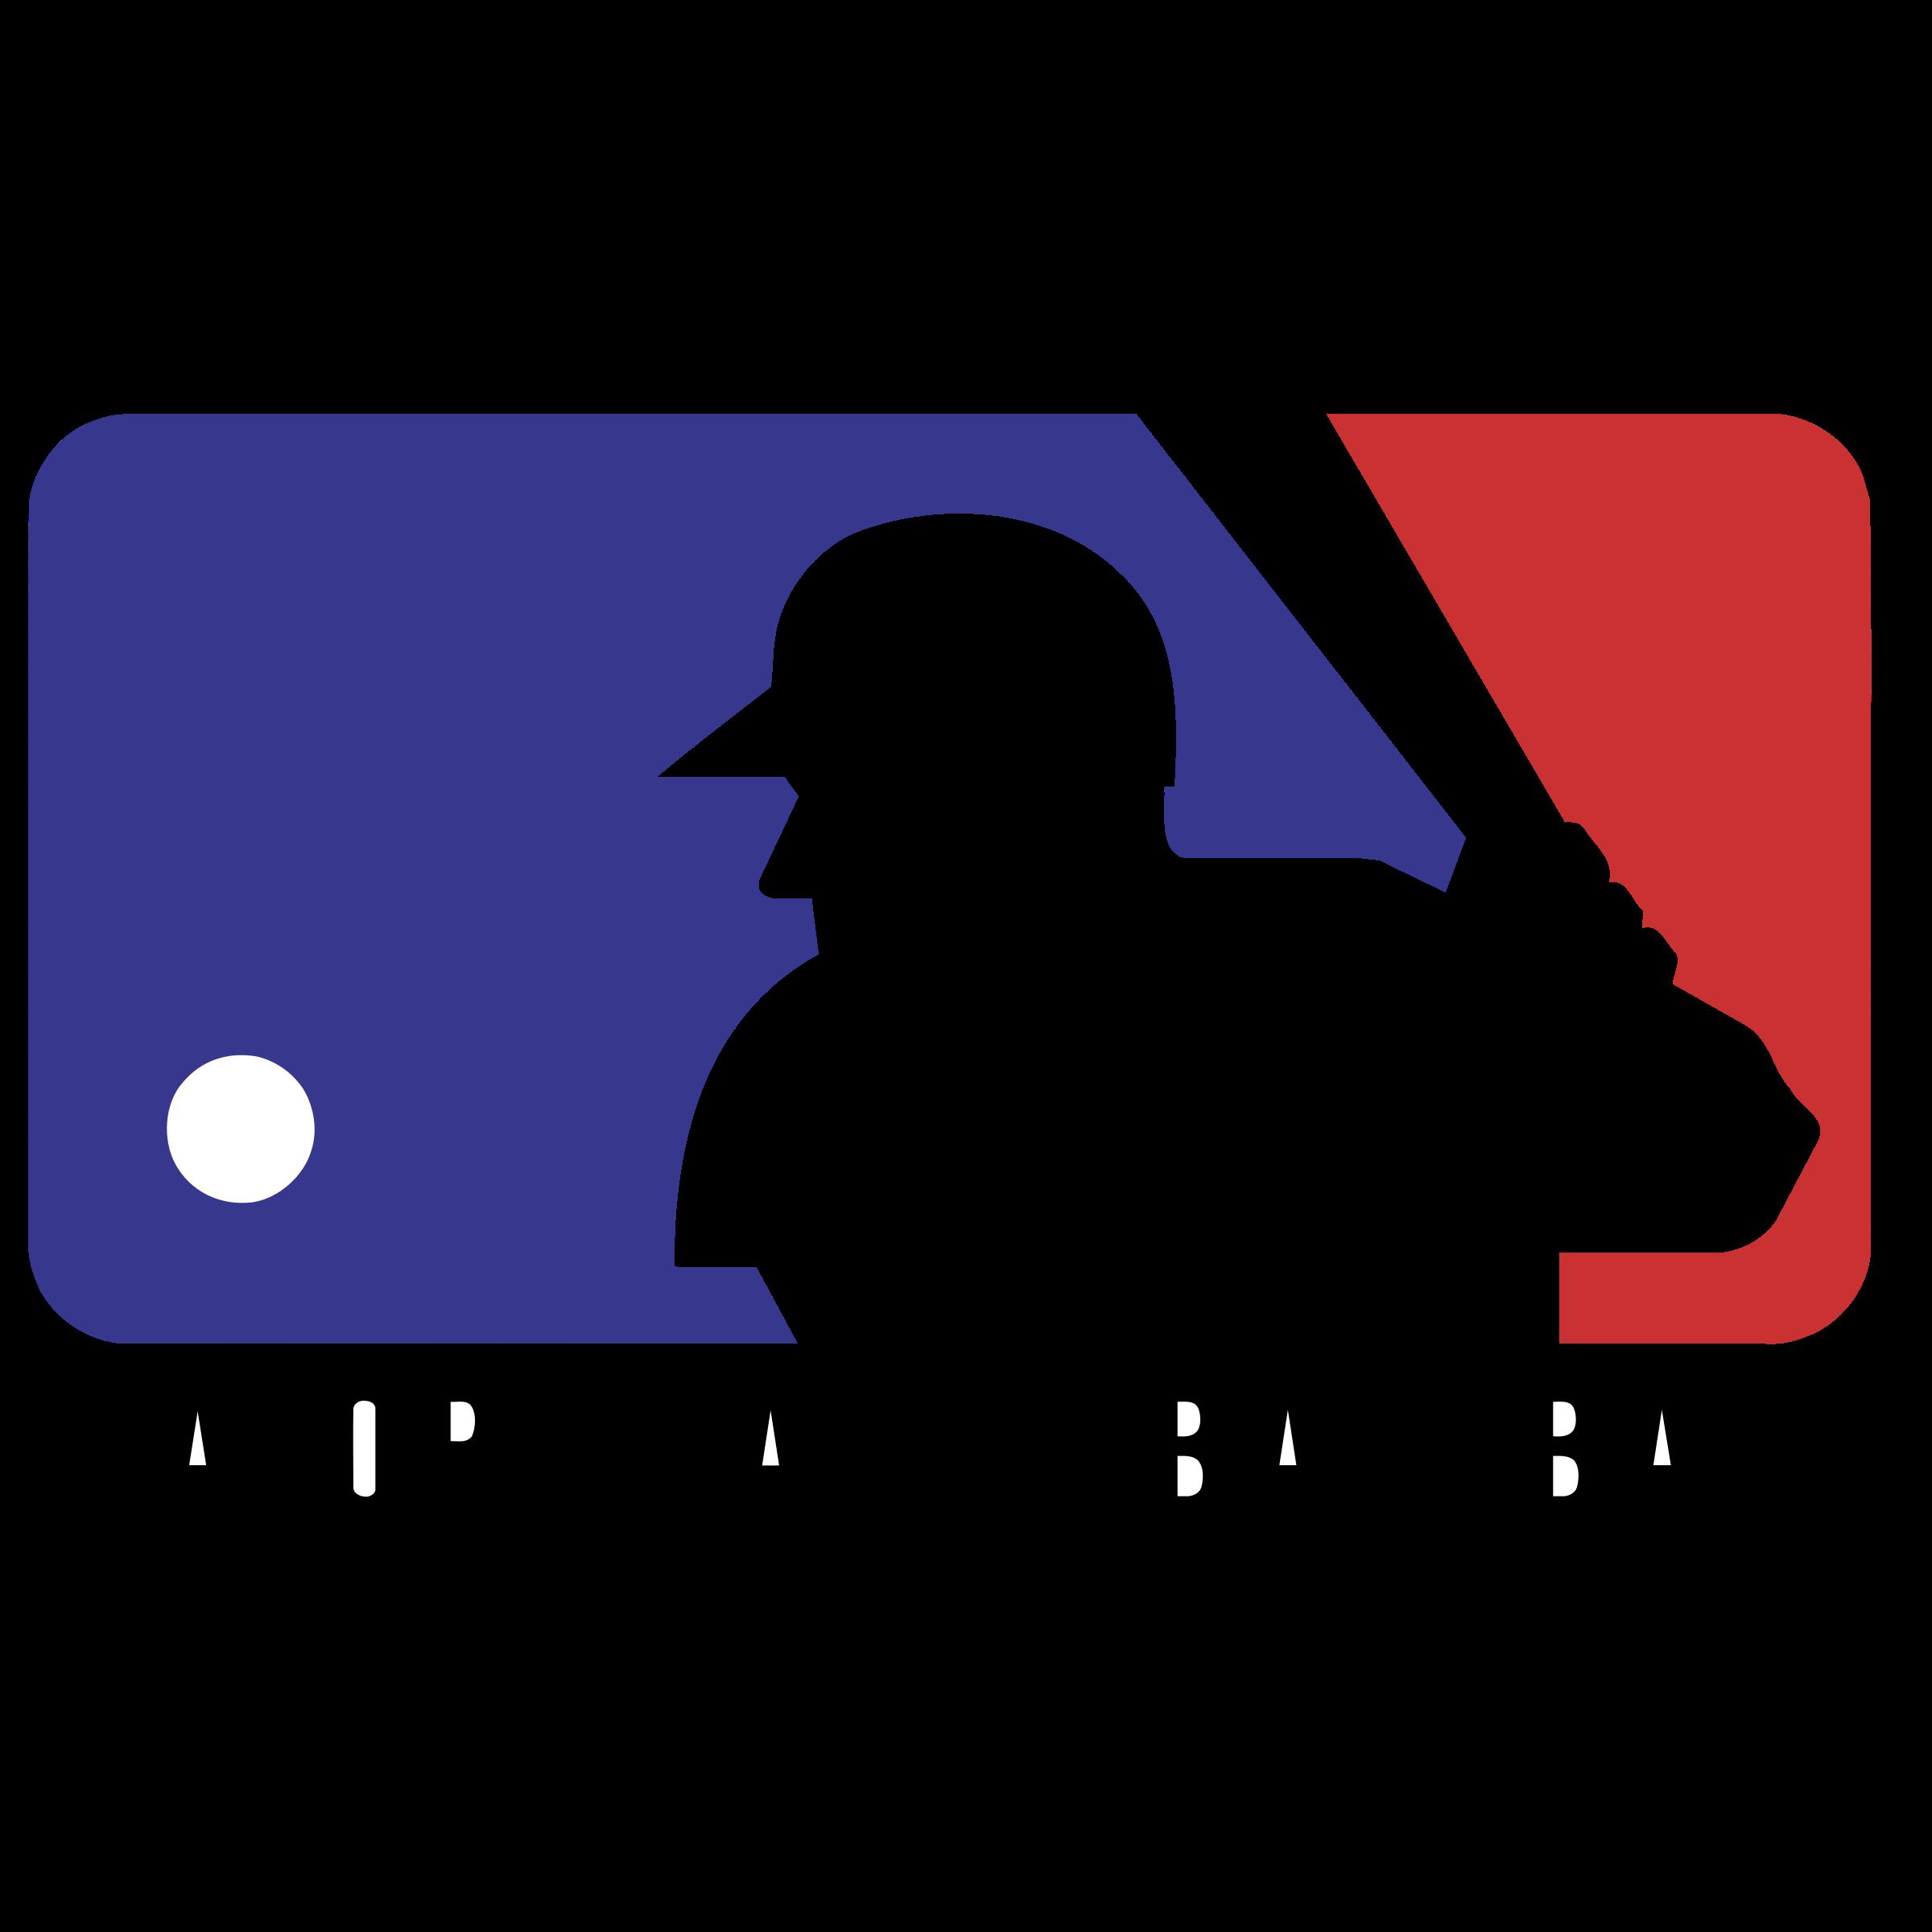 major-league-baseball-1-logo-png-transparent